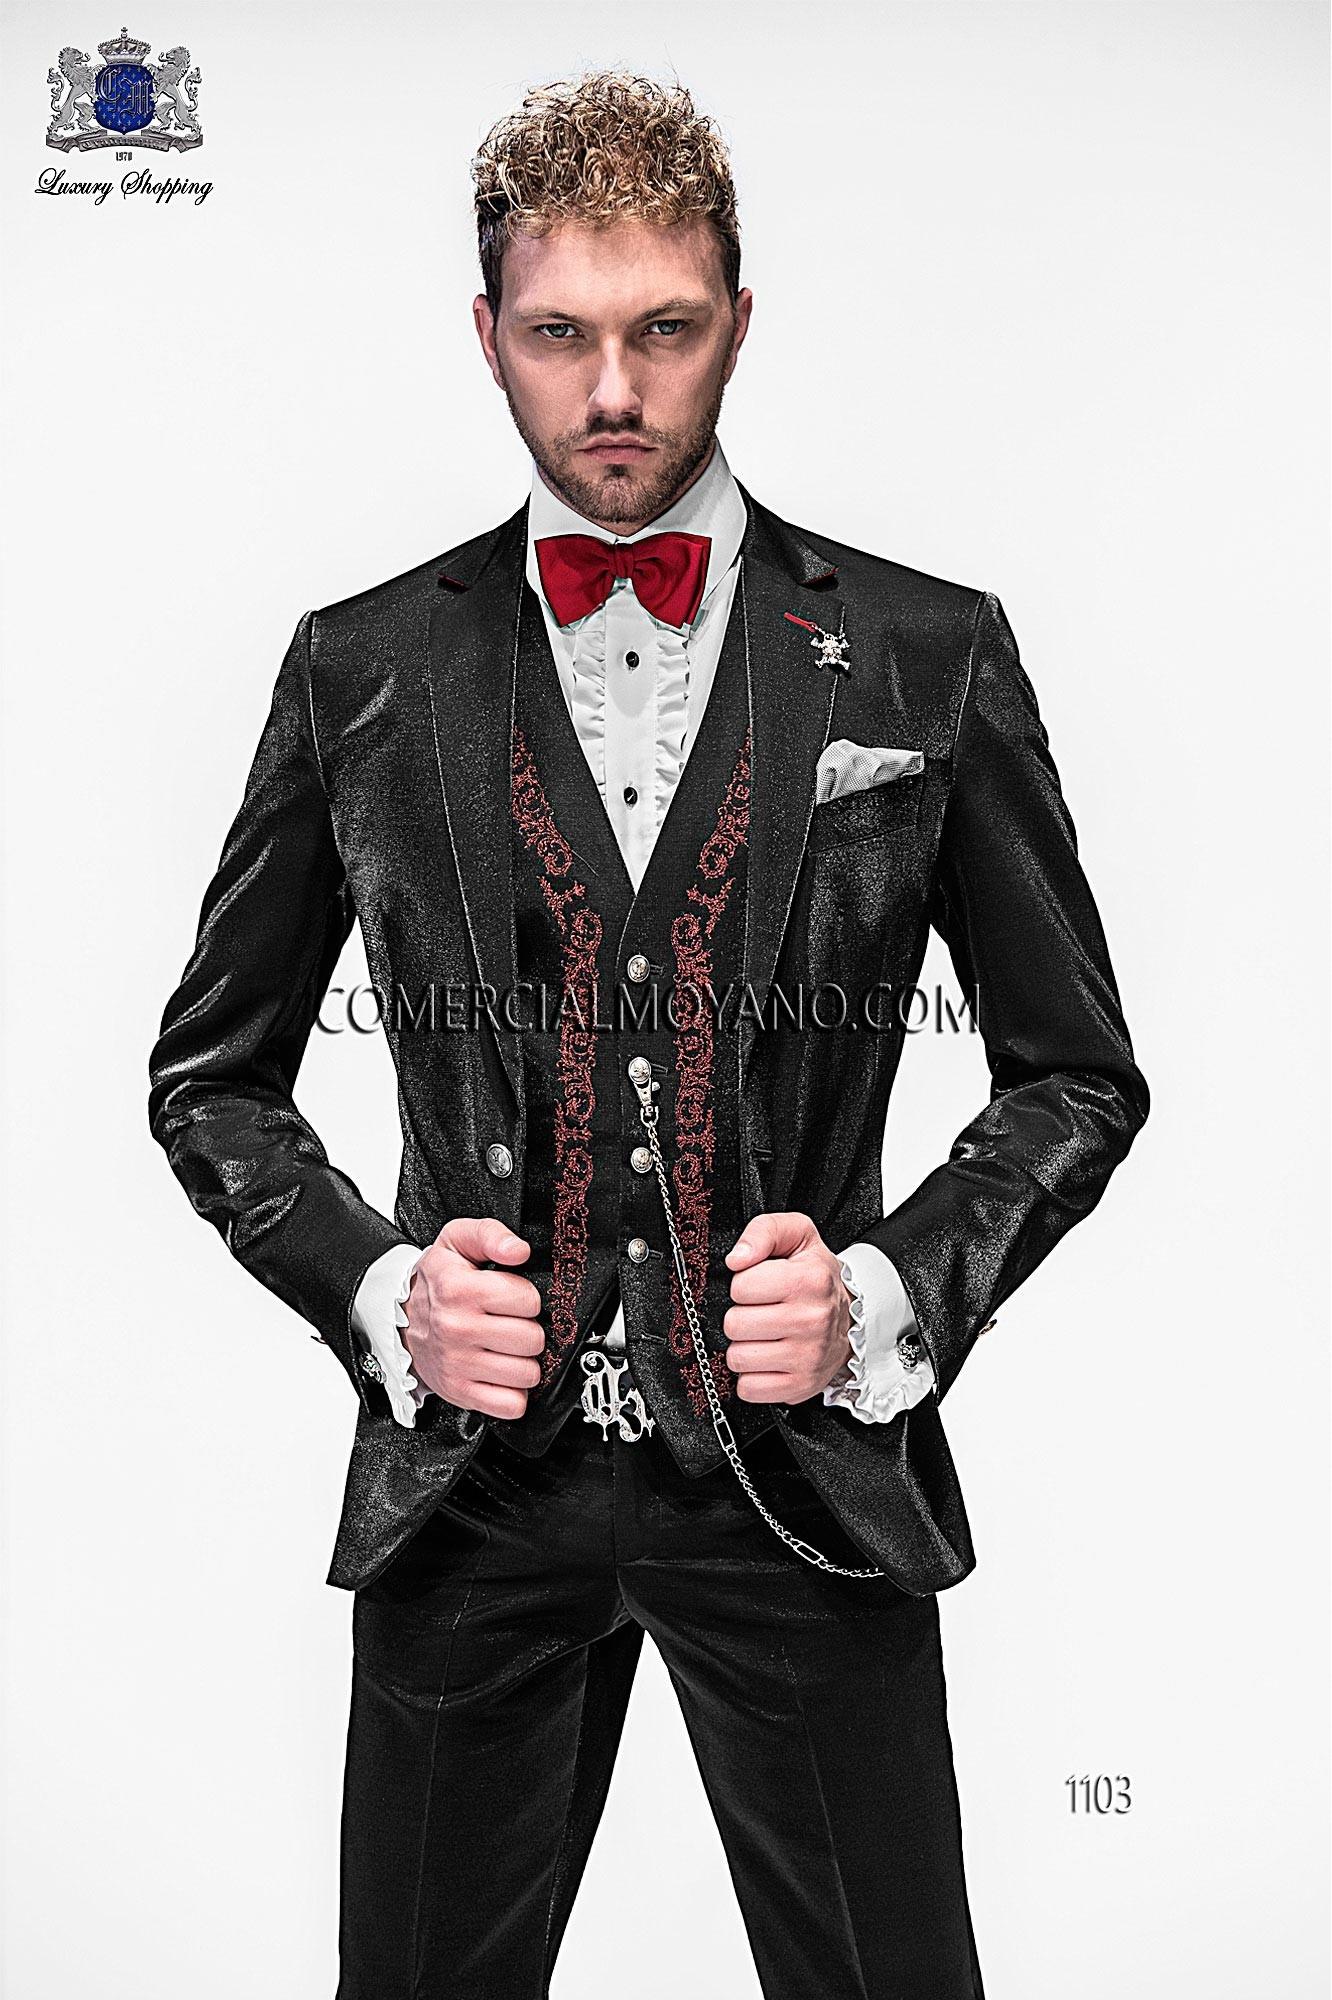 Traje de moda hombre negro modelo: 1103 Ottavio Nuccio Gala colección Emotion 2017